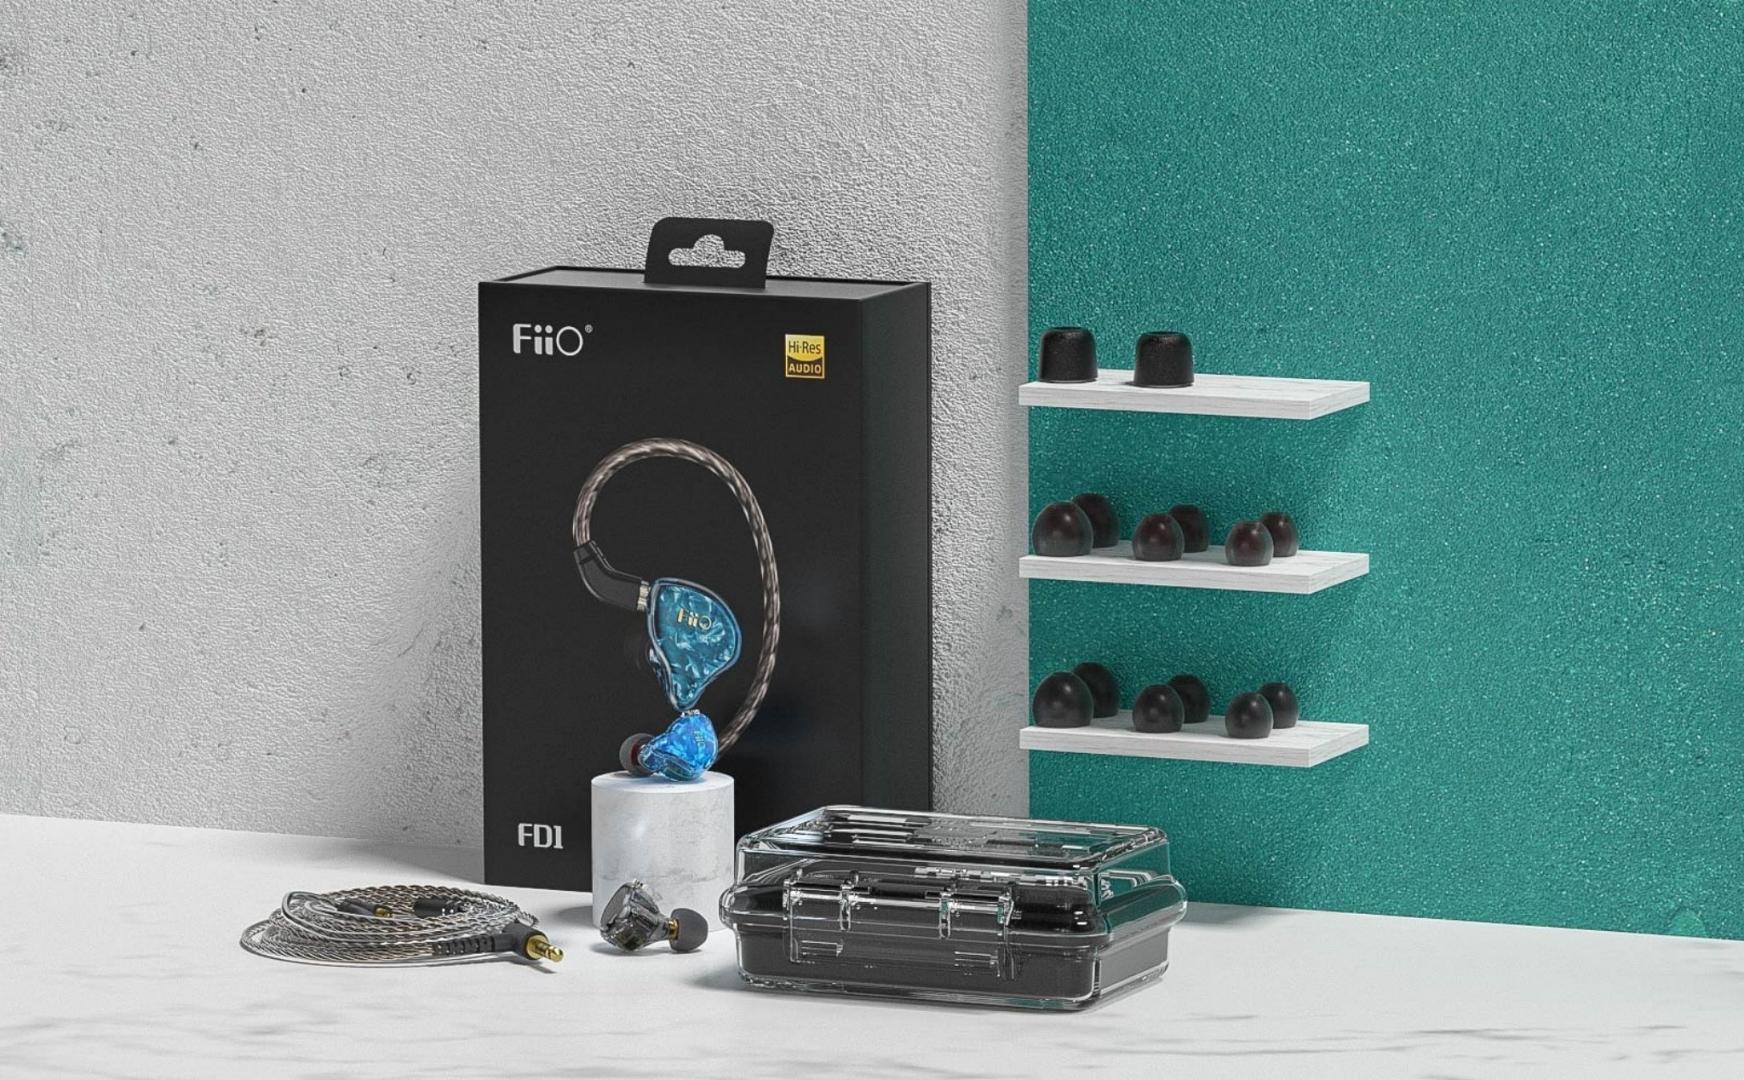 FiiO ra mắt tai nghe FD1: Mẫu tai nghe Hi-Res rẻ nhất của Fiio khoảng 1,3 triệu